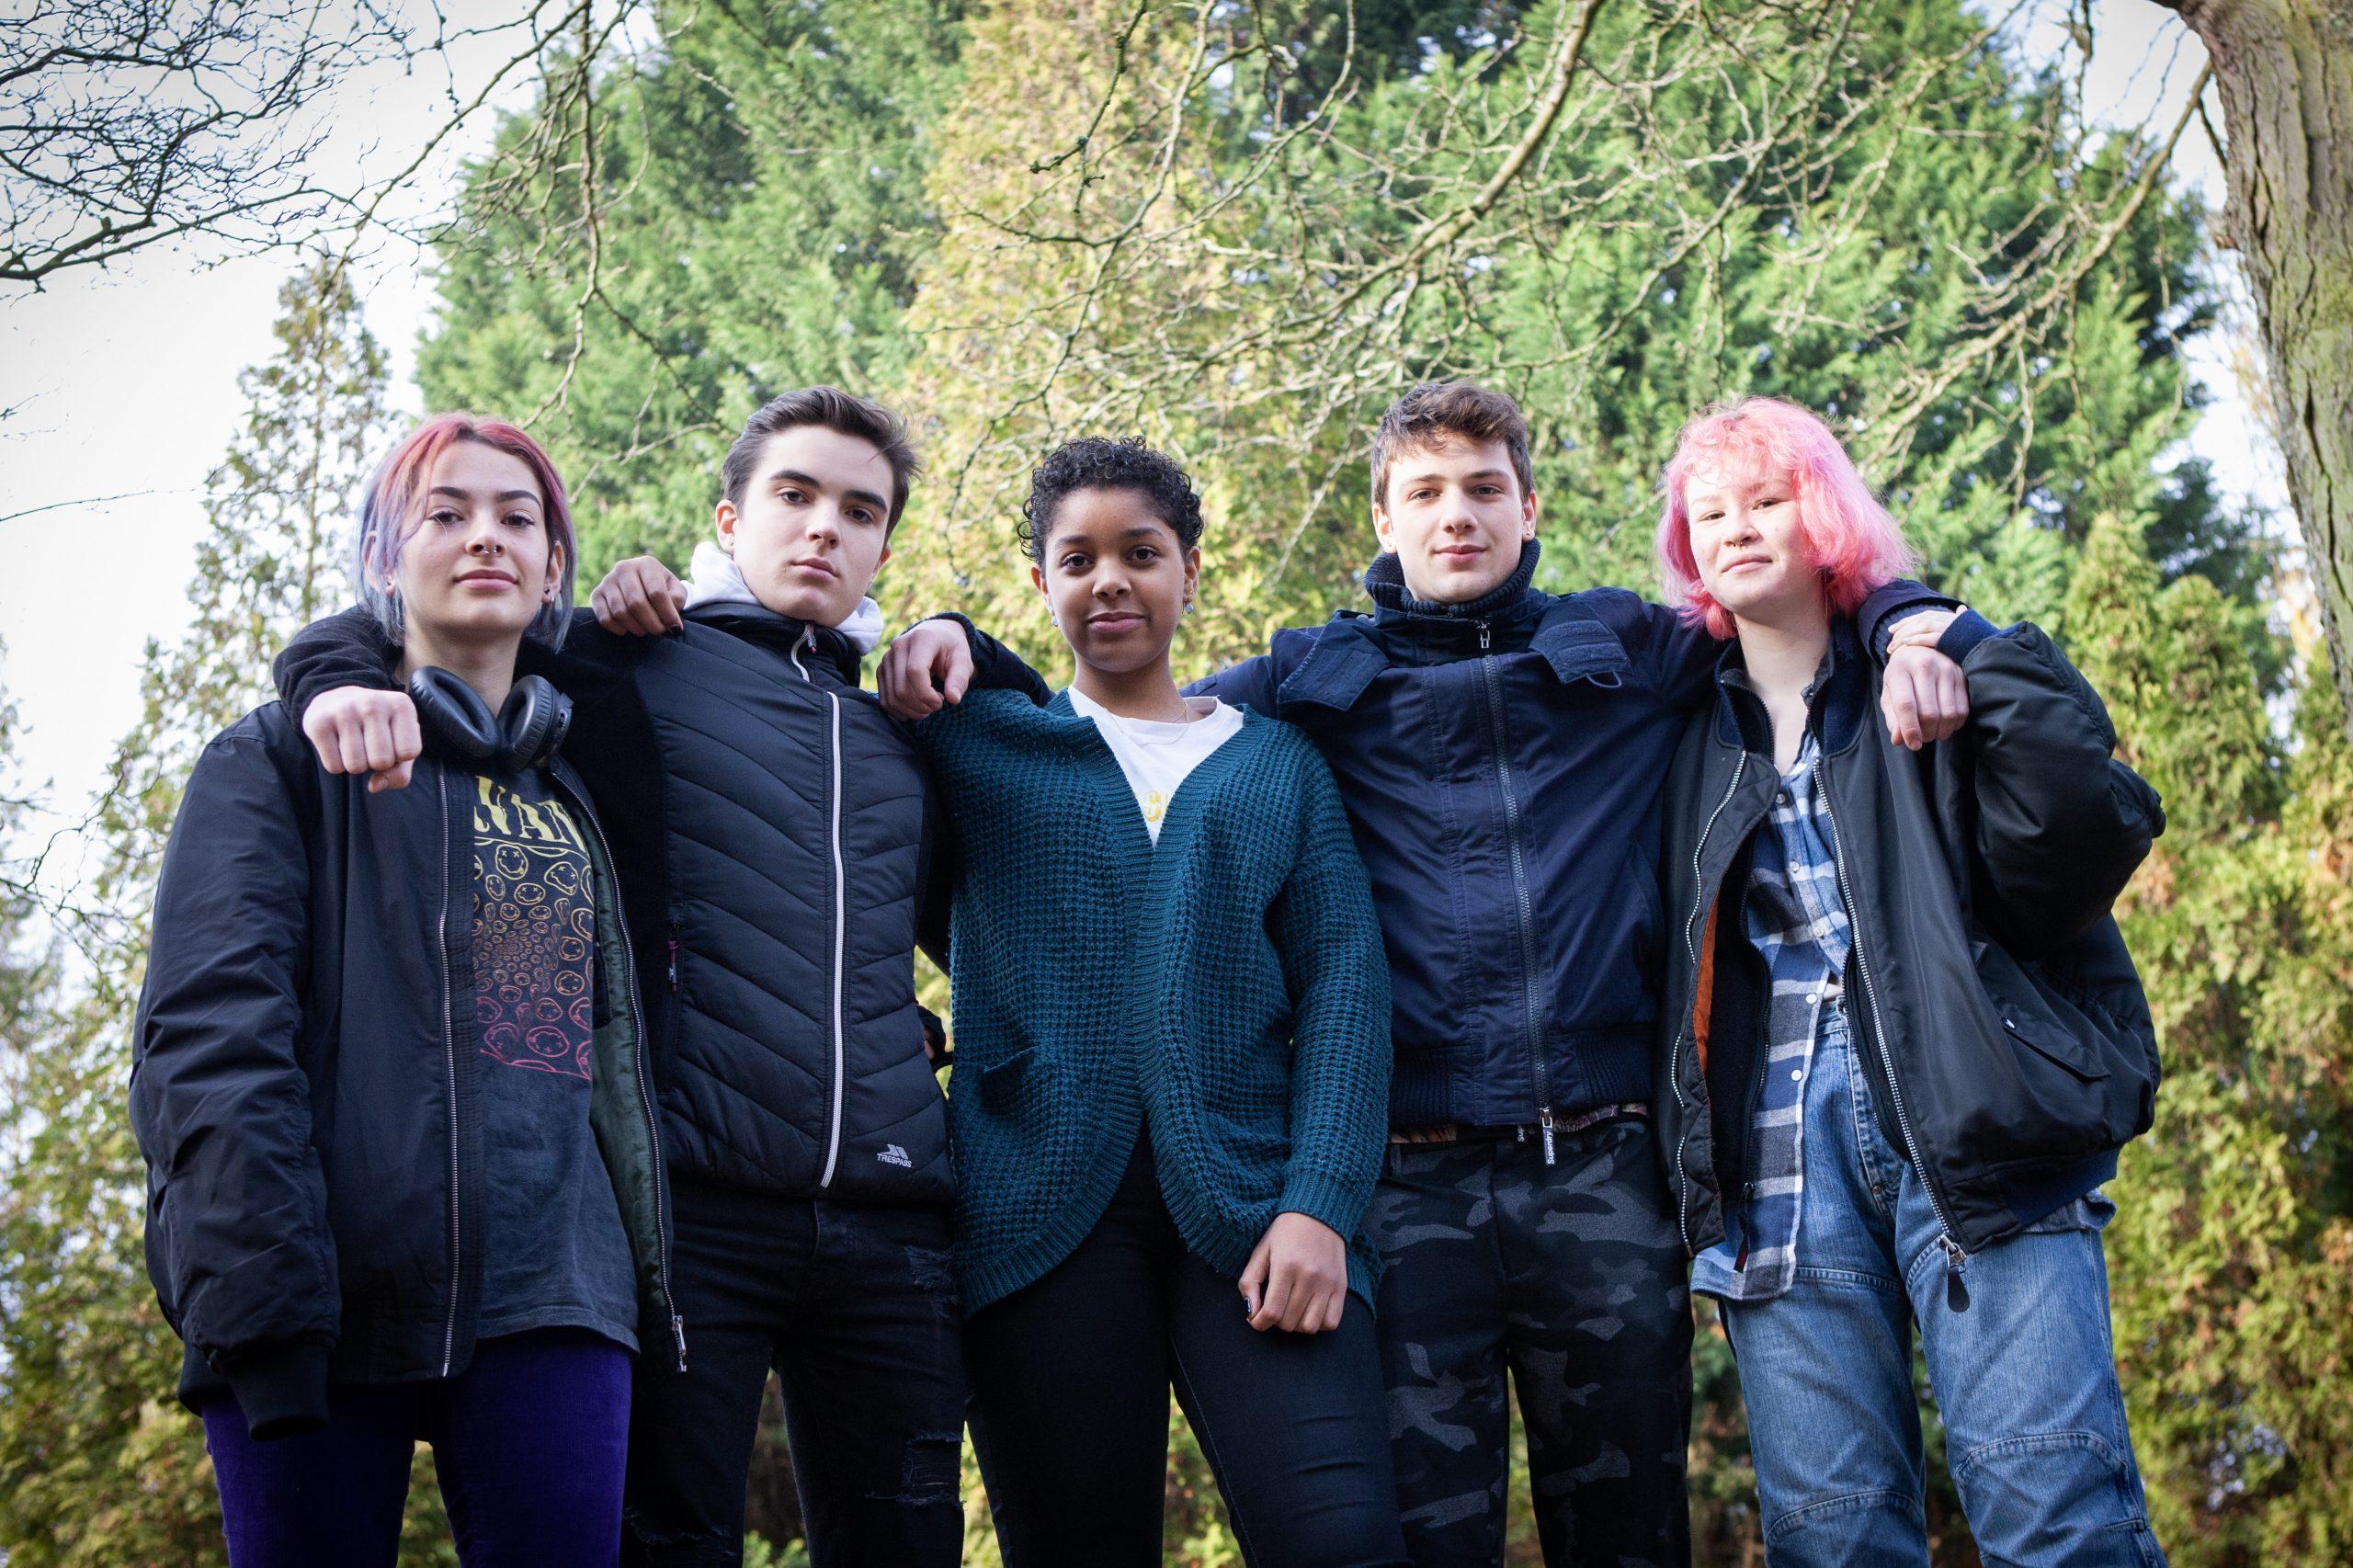 Tieners bij elkaar